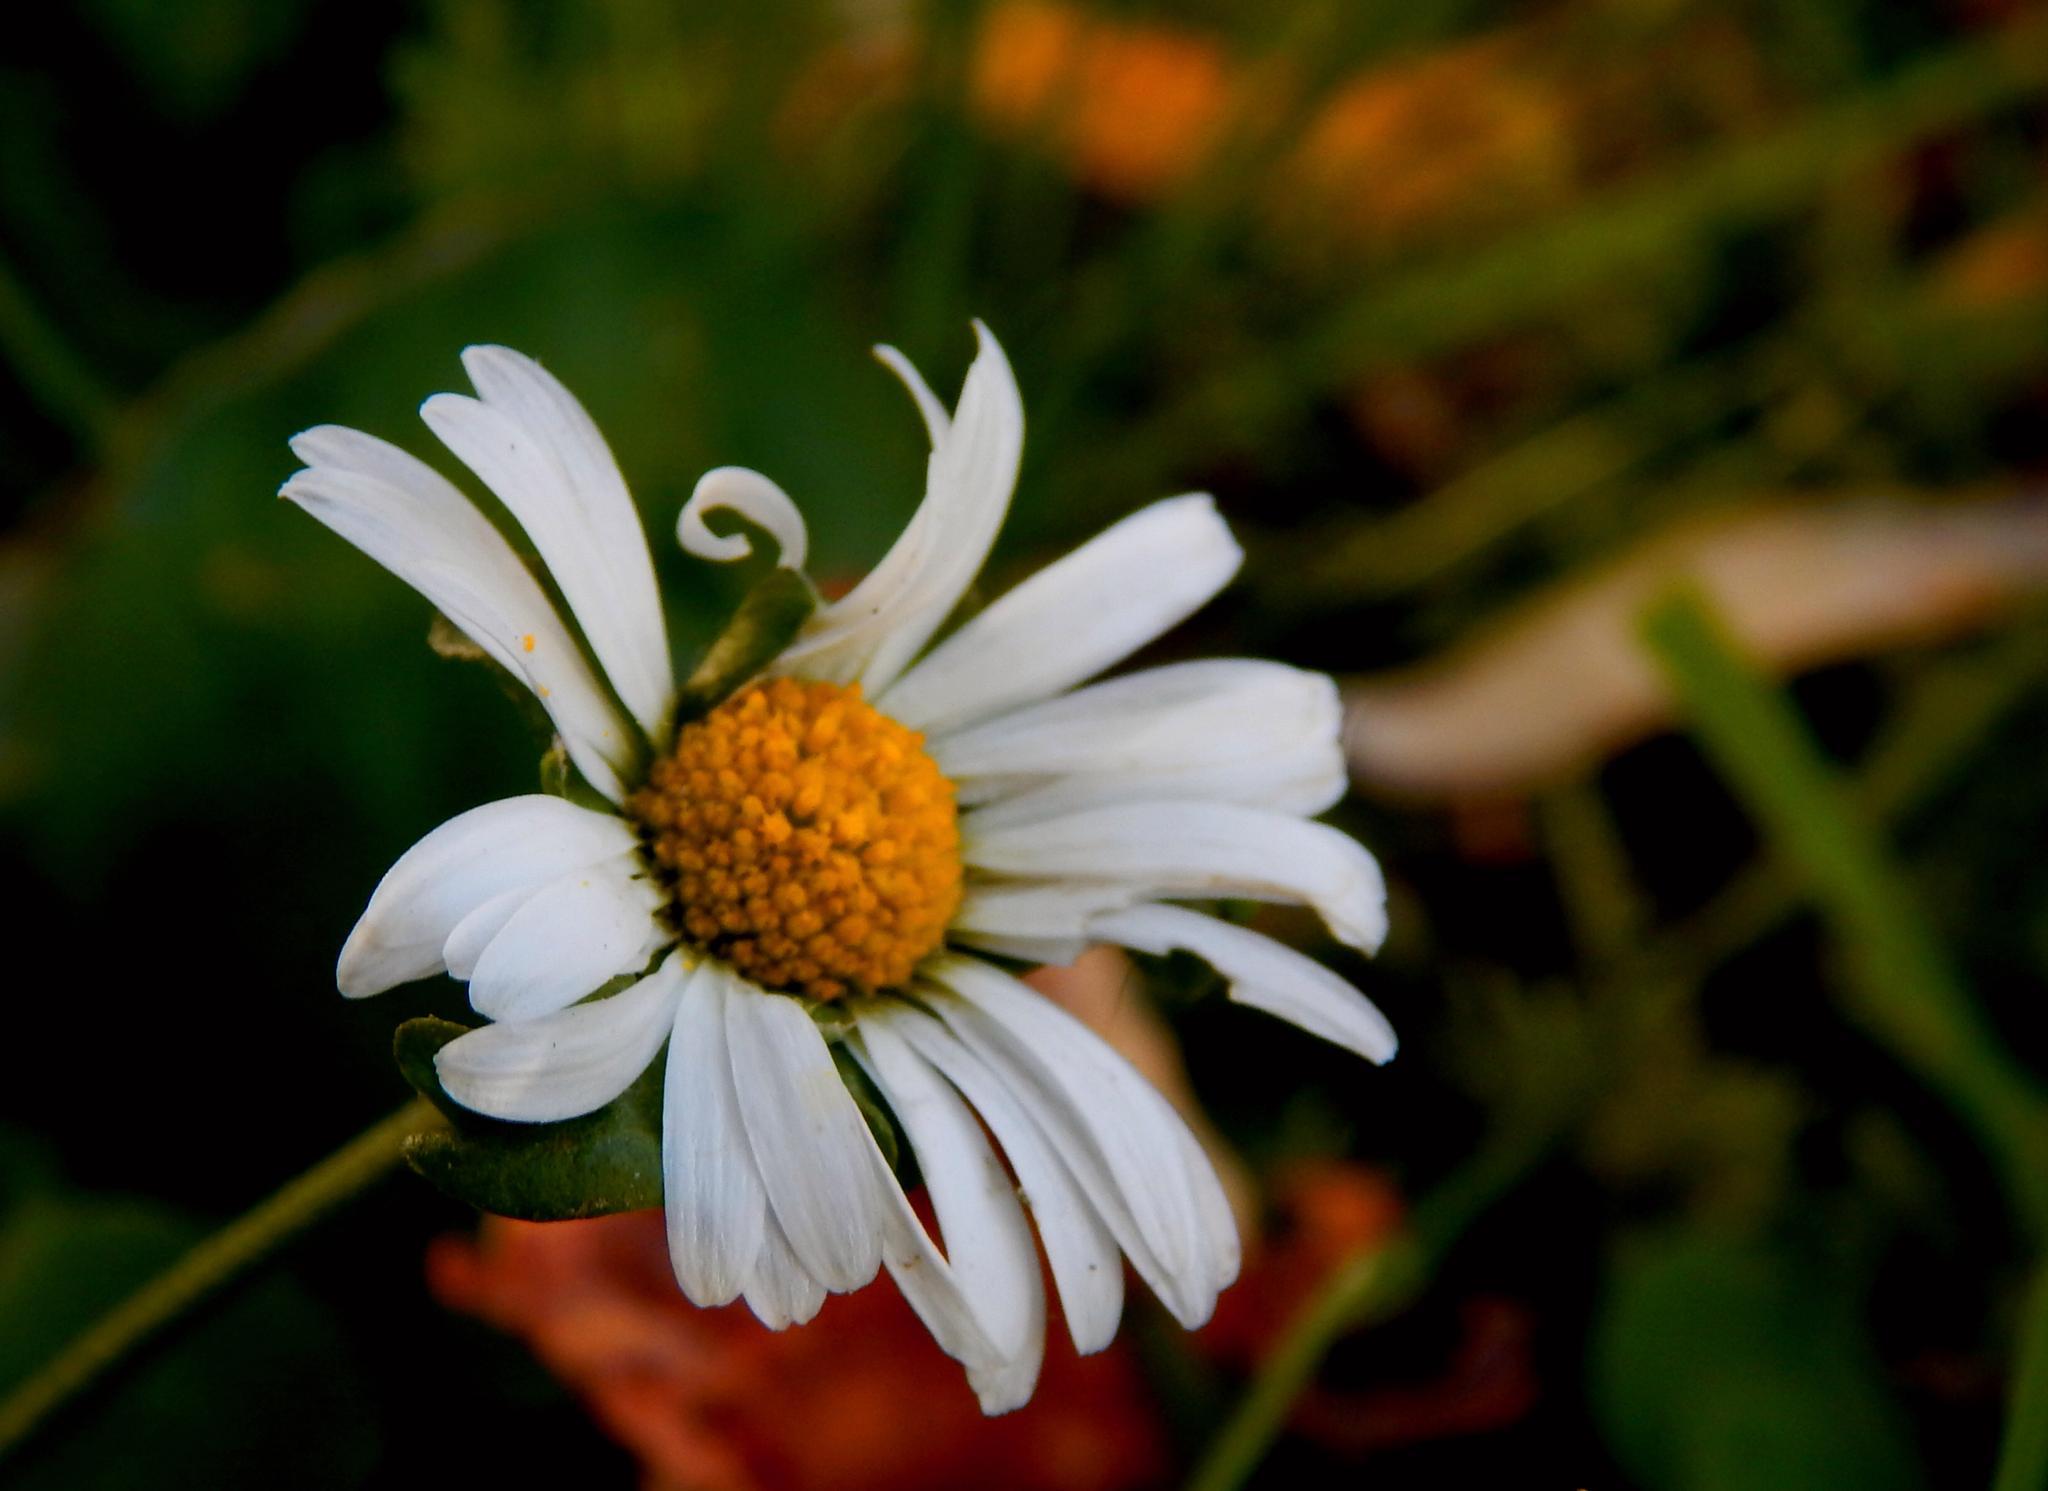 daisy by Nenad Milic